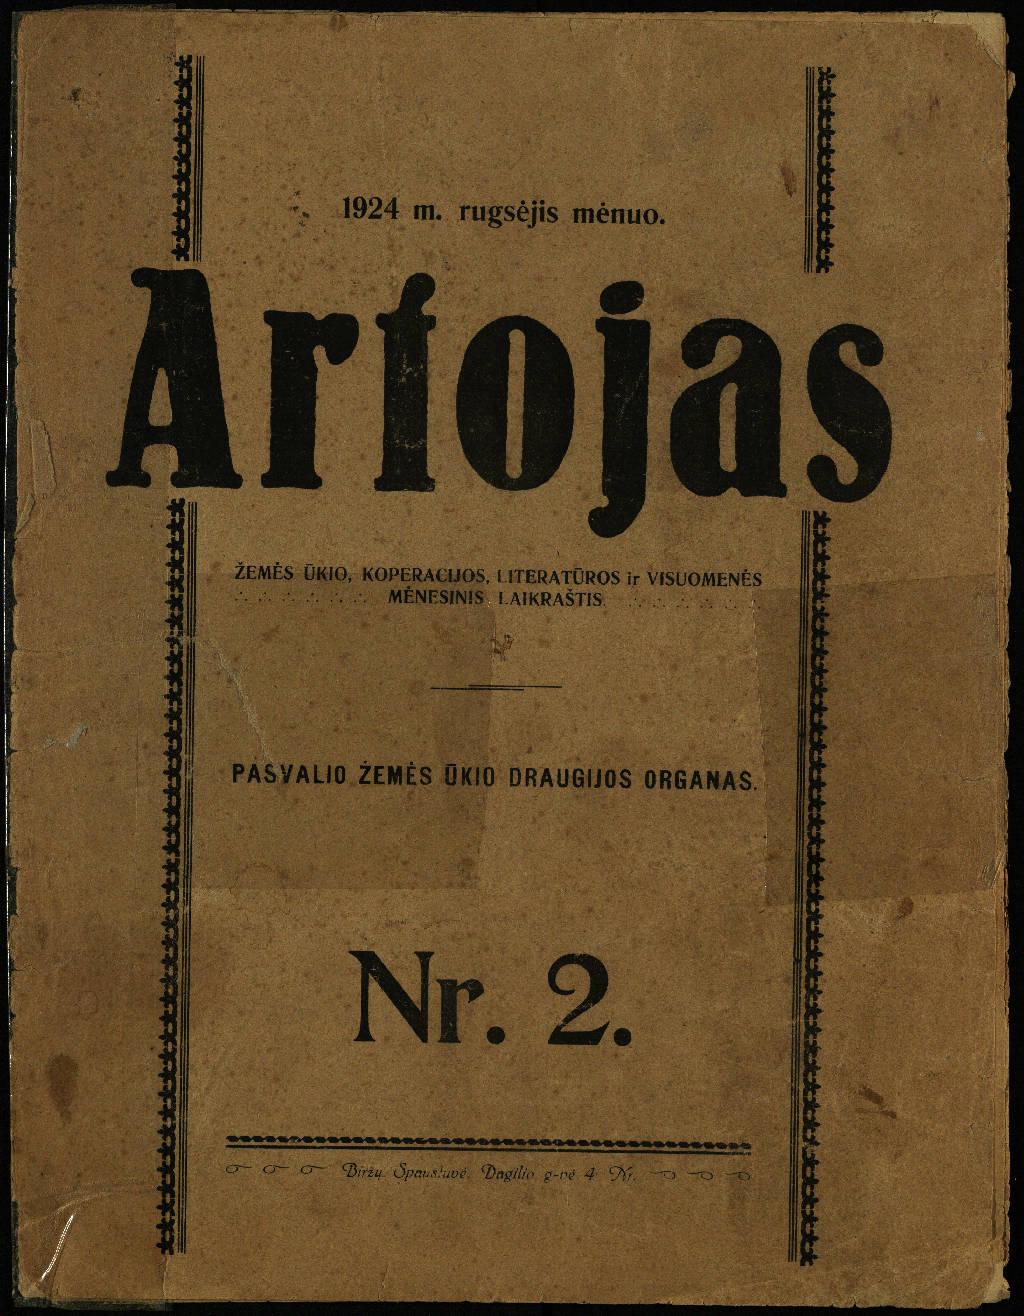 Artojas. 1924, nr. 2